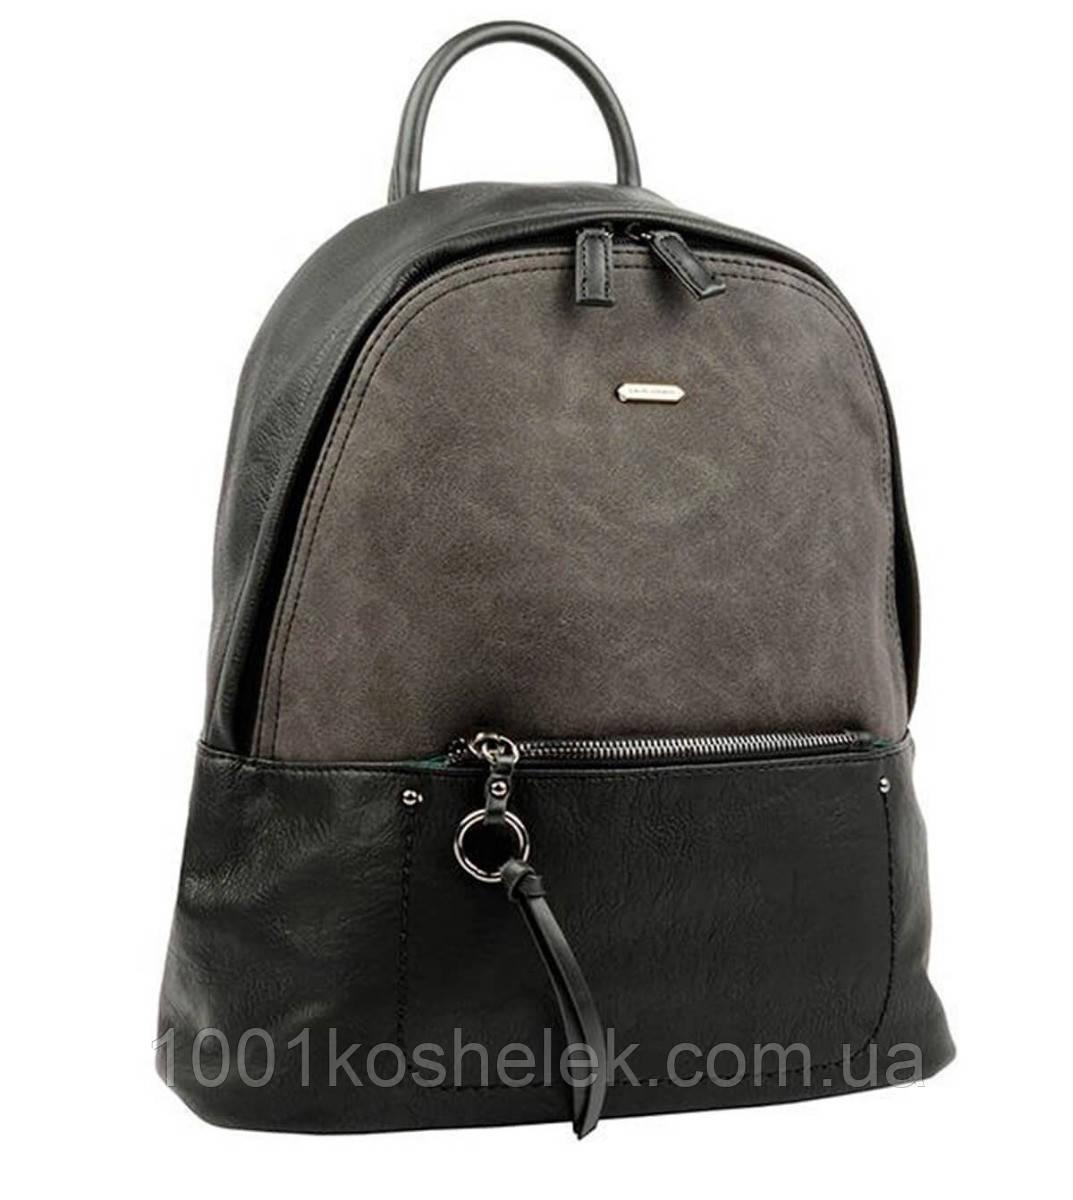 Рюкзак David Jones 6113-2 (Черный)